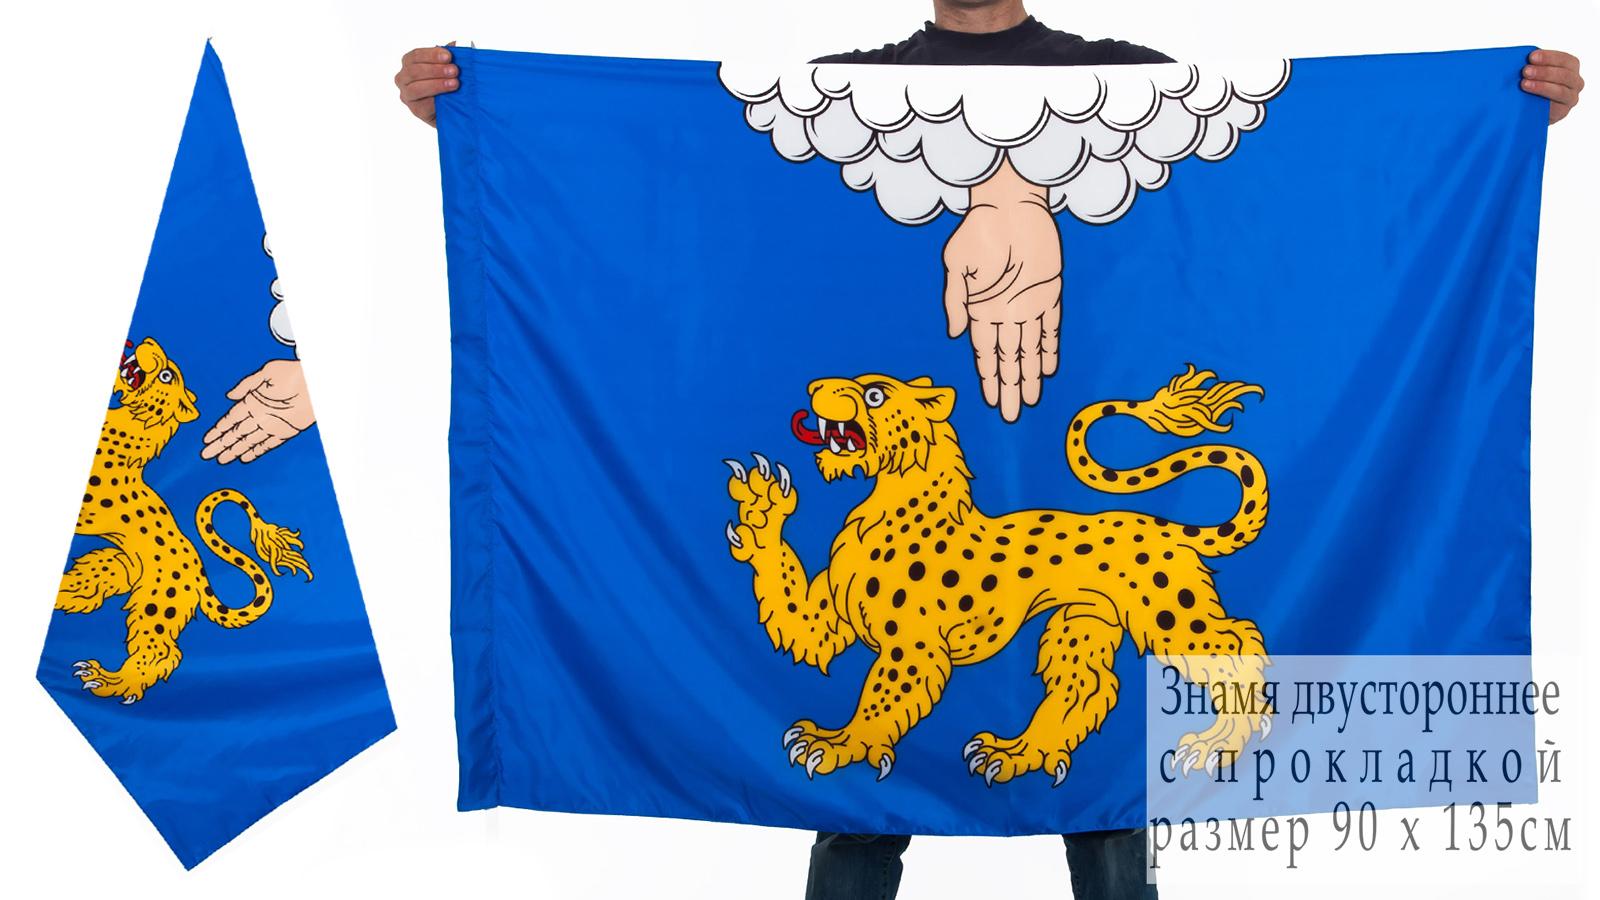 Двухсторонний флаг Пскова